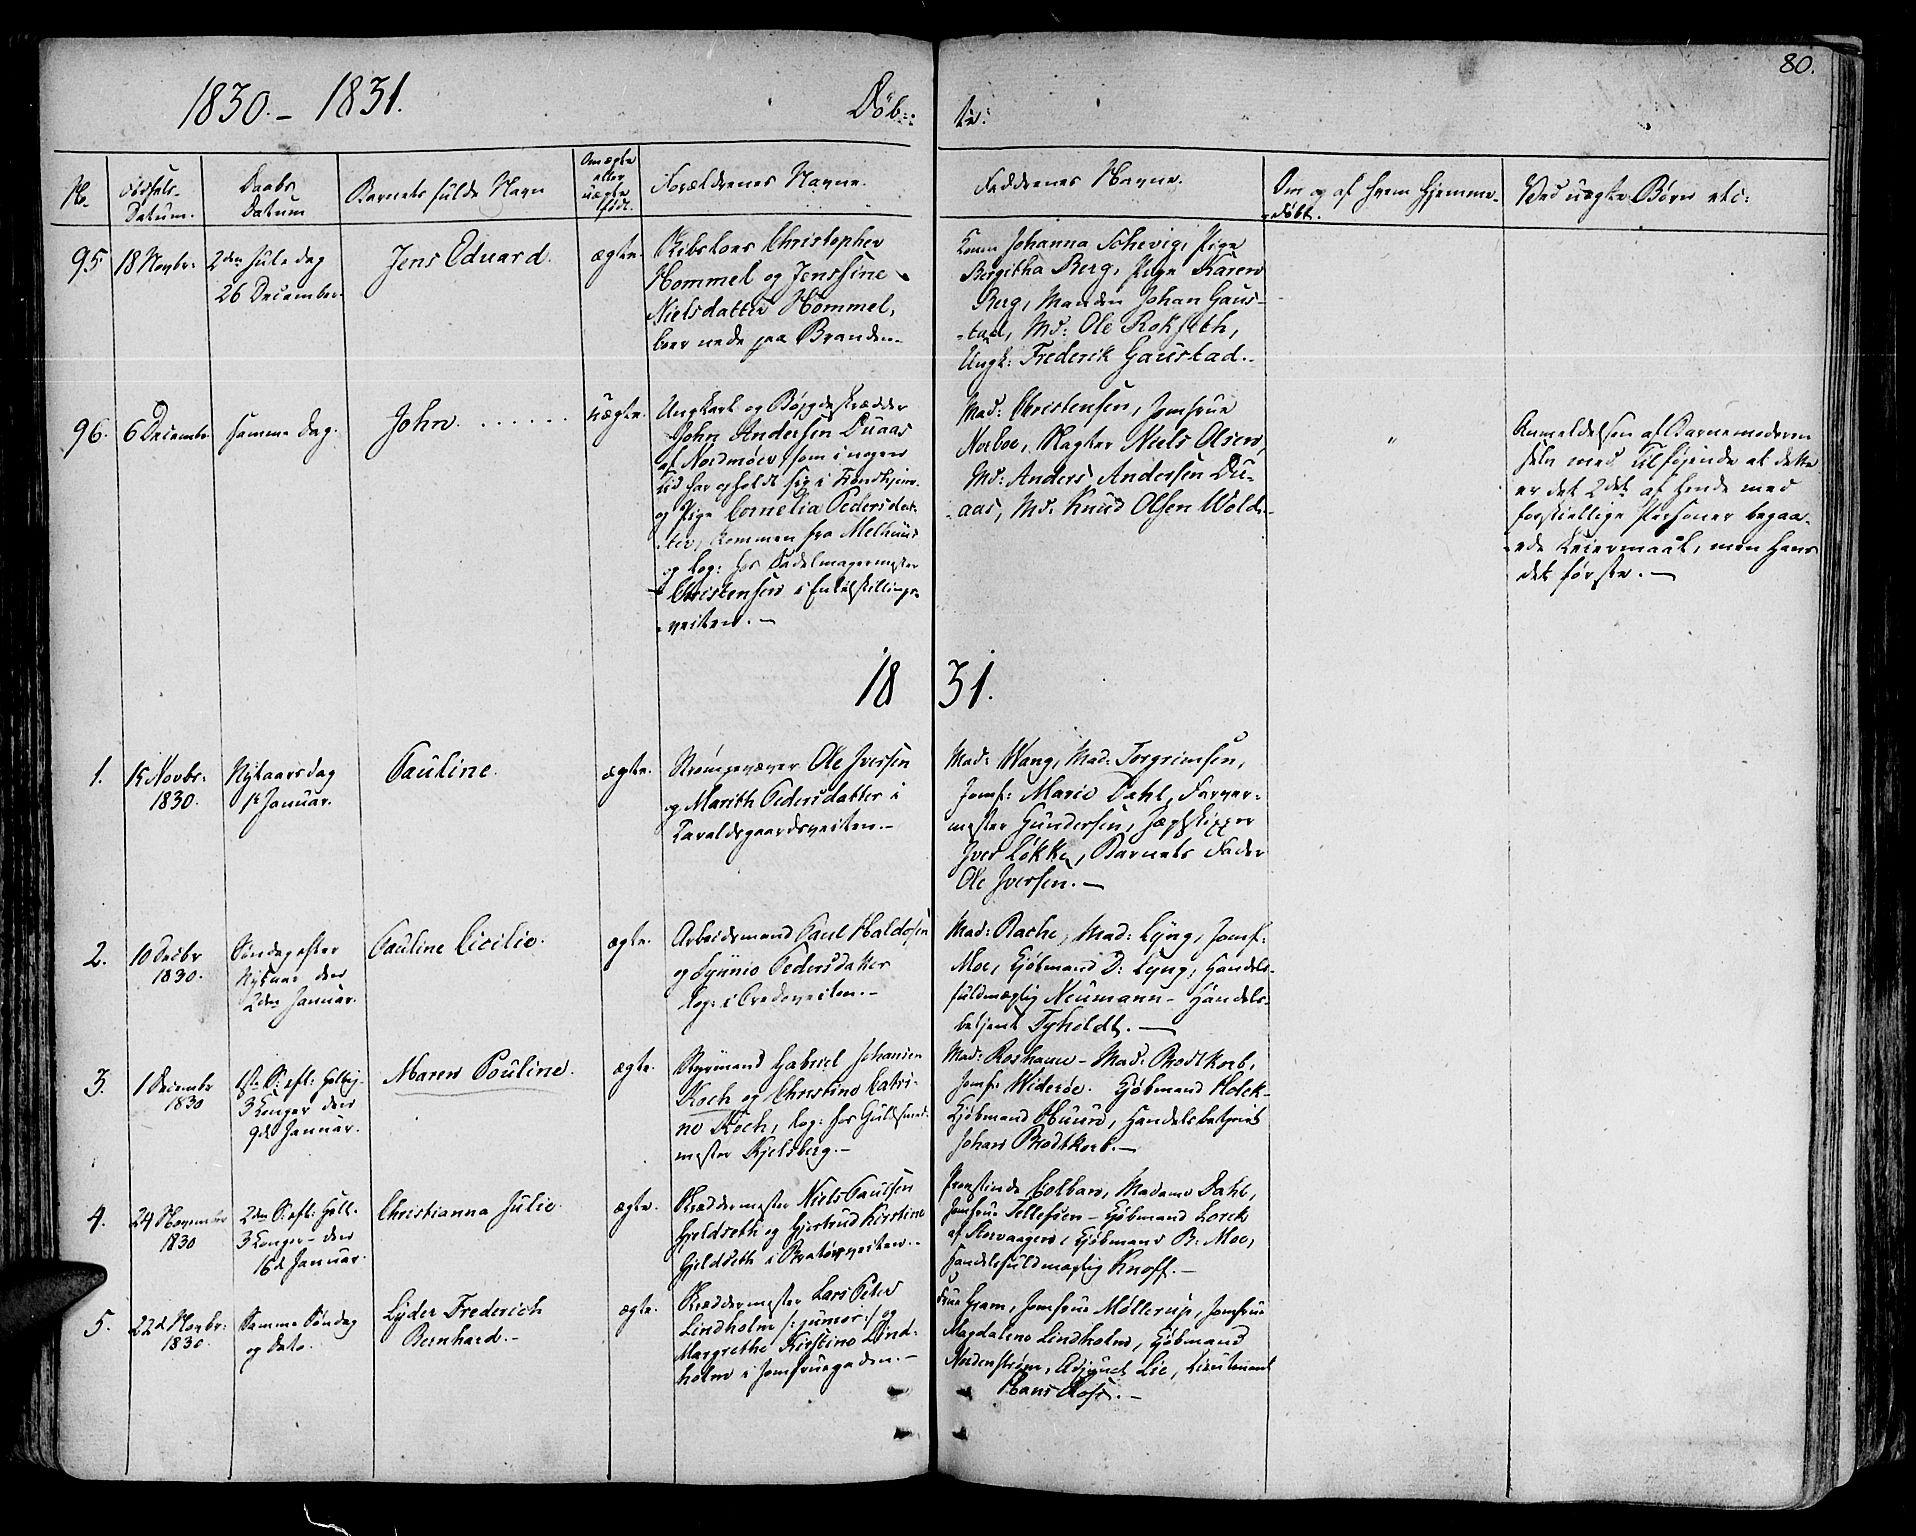 SAT, Ministerialprotokoller, klokkerbøker og fødselsregistre - Sør-Trøndelag, 602/L0108: Ministerialbok nr. 602A06, 1821-1839, s. 80